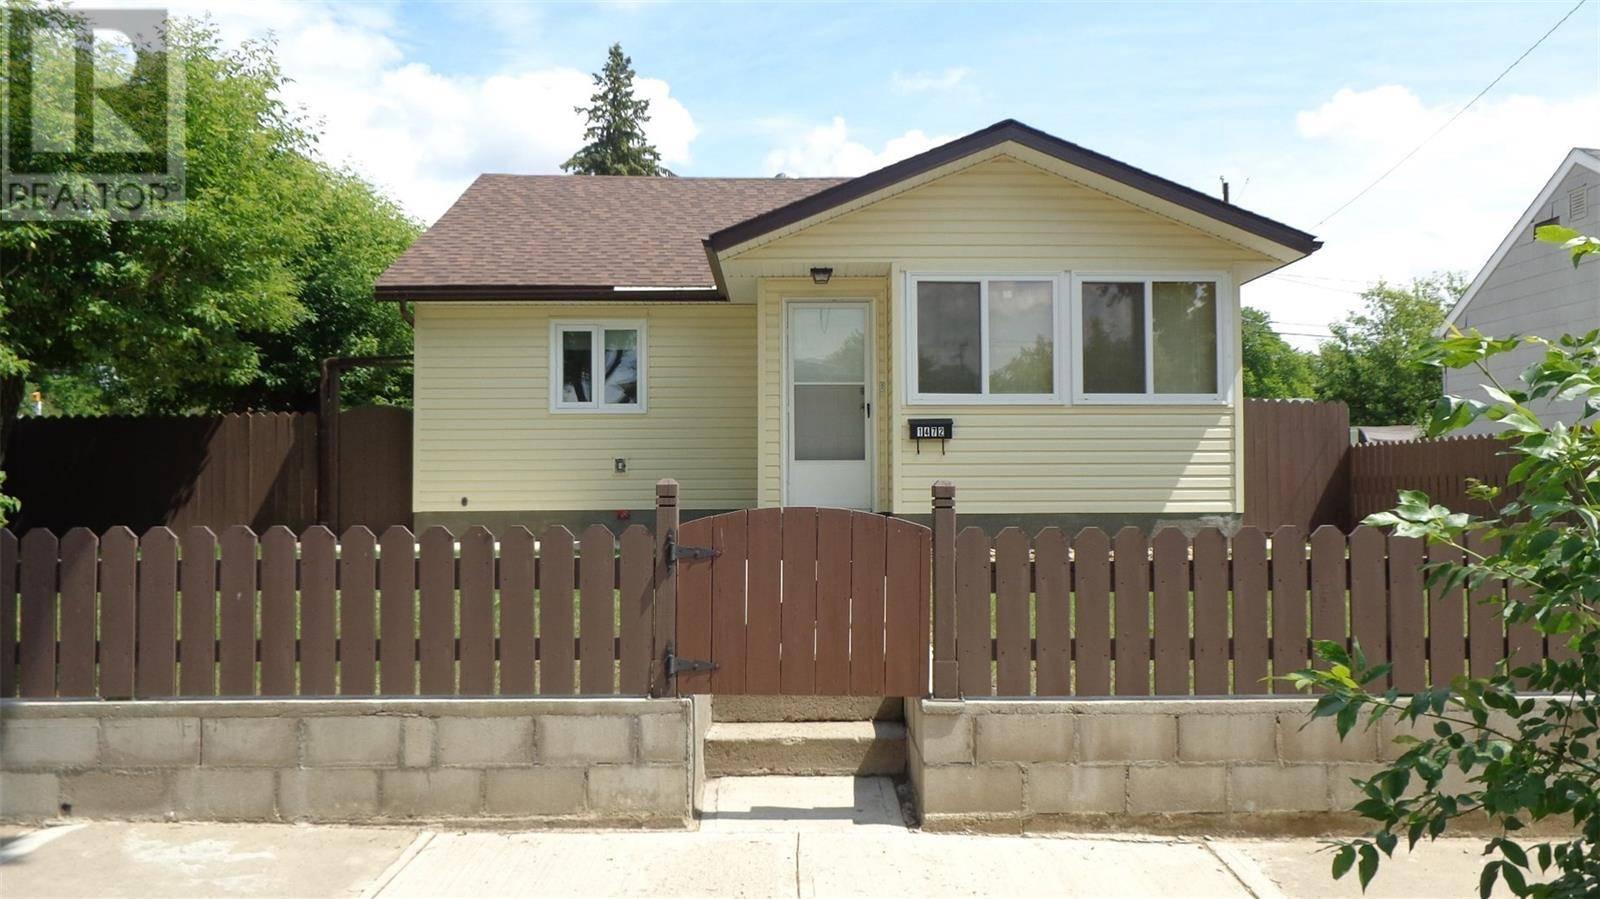 House for sale at 1472 103rd St North Battleford Saskatchewan - MLS: SK778646